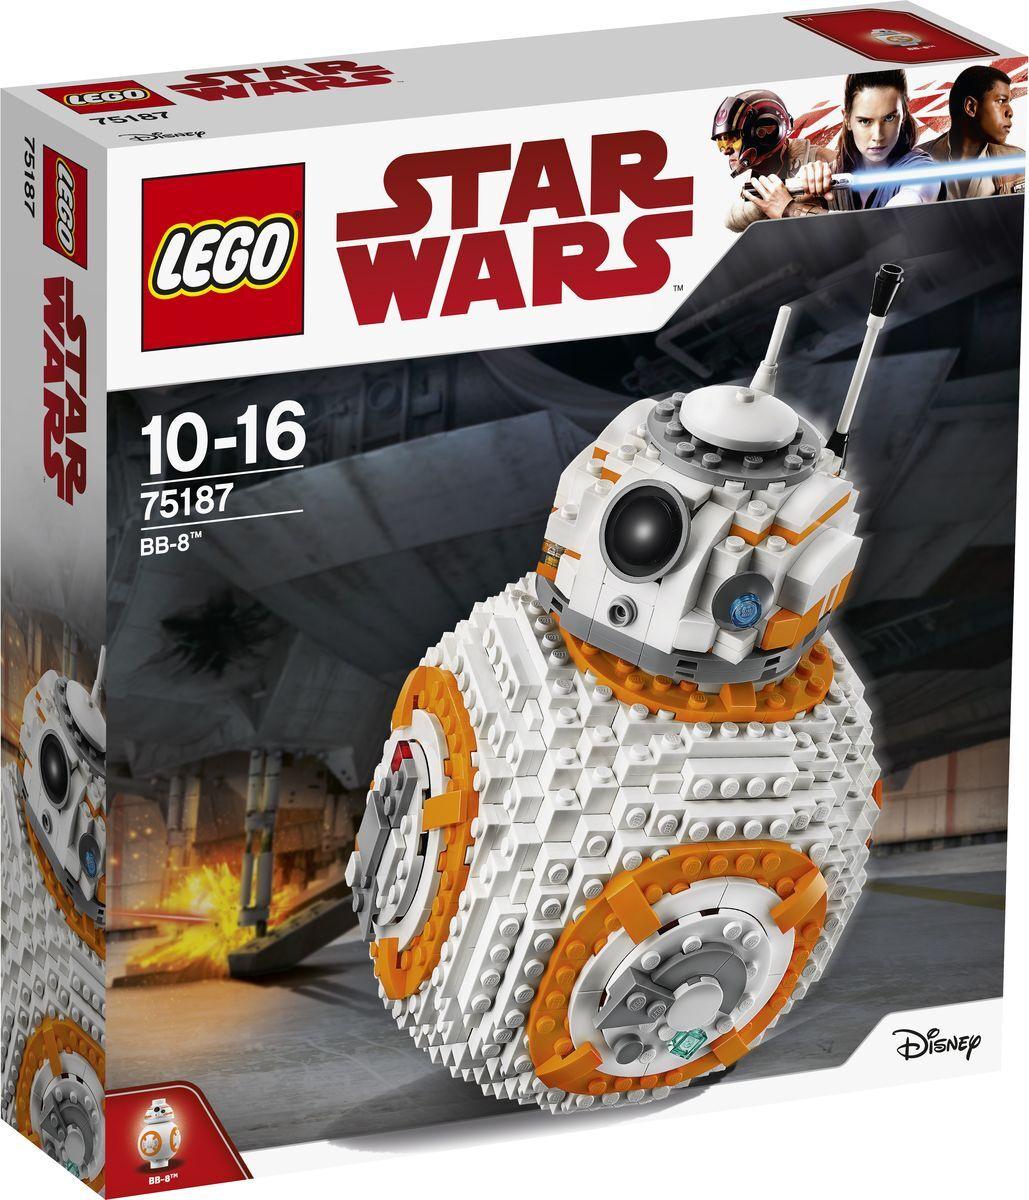 LEGO Star Wars 75187 ВВ-8 Конструктор #1